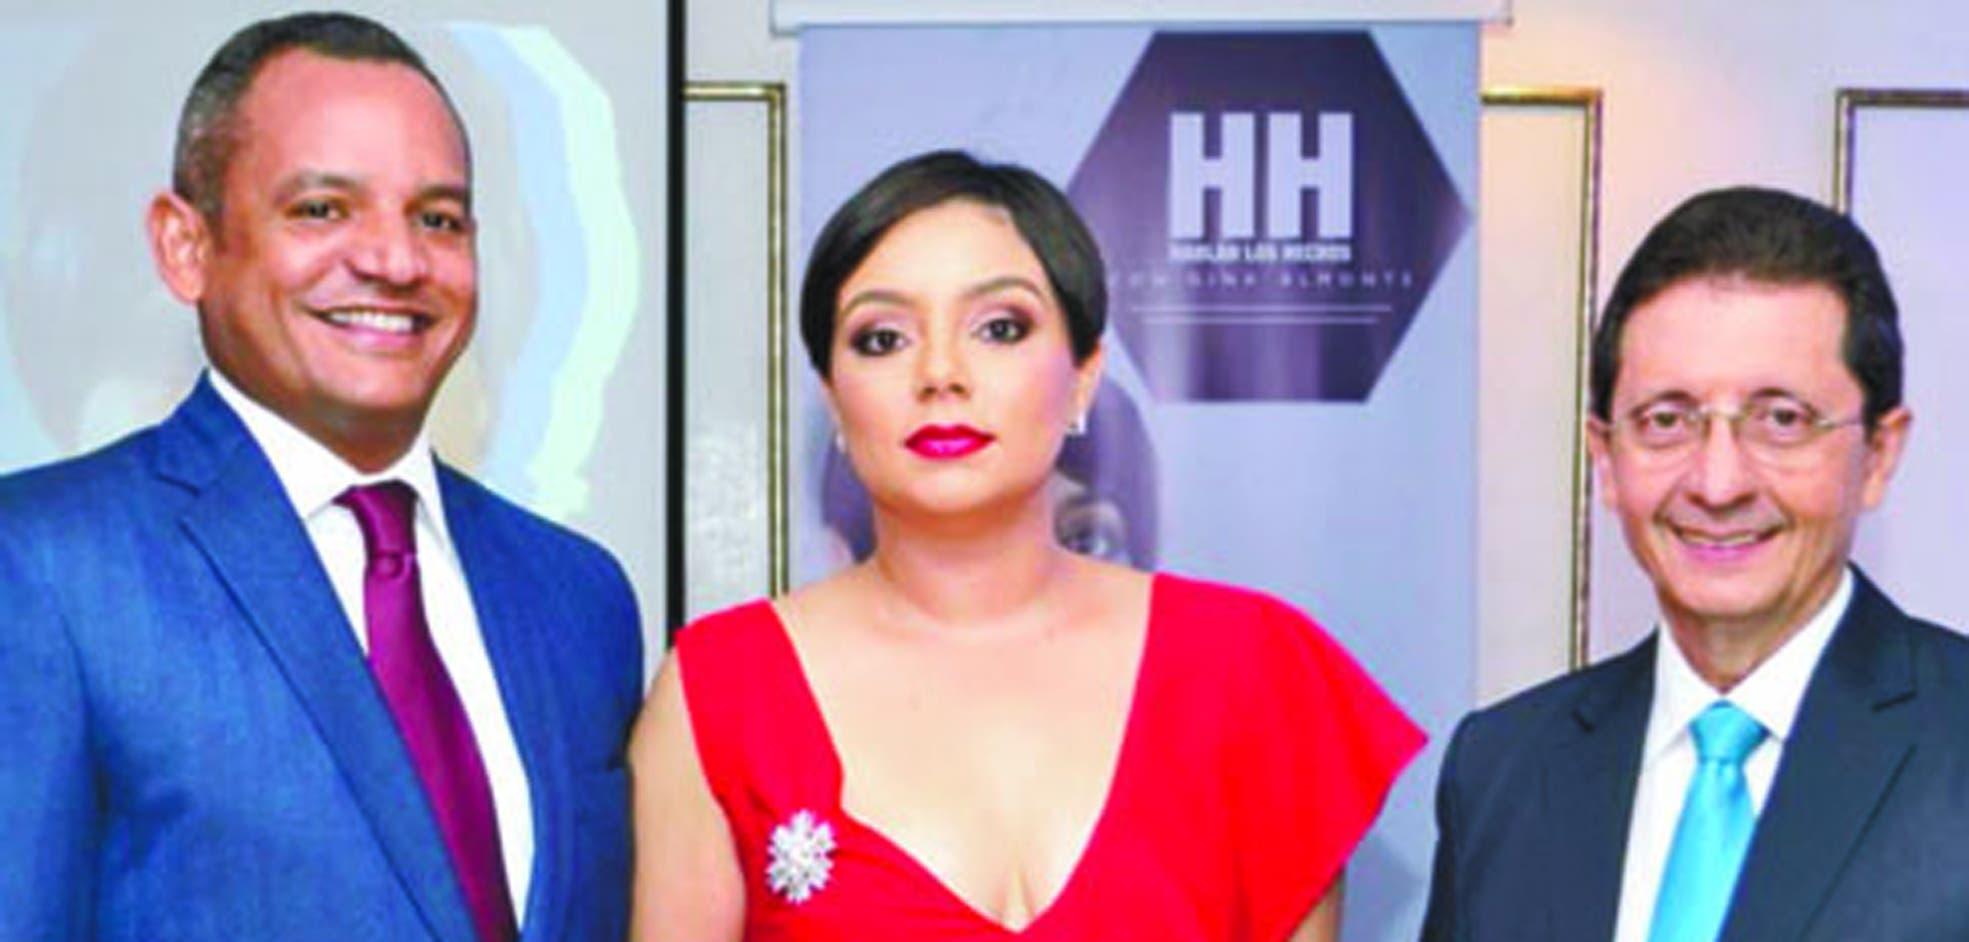 José Martínez, Gina Almonte y Ramón Núñez Ramírez.